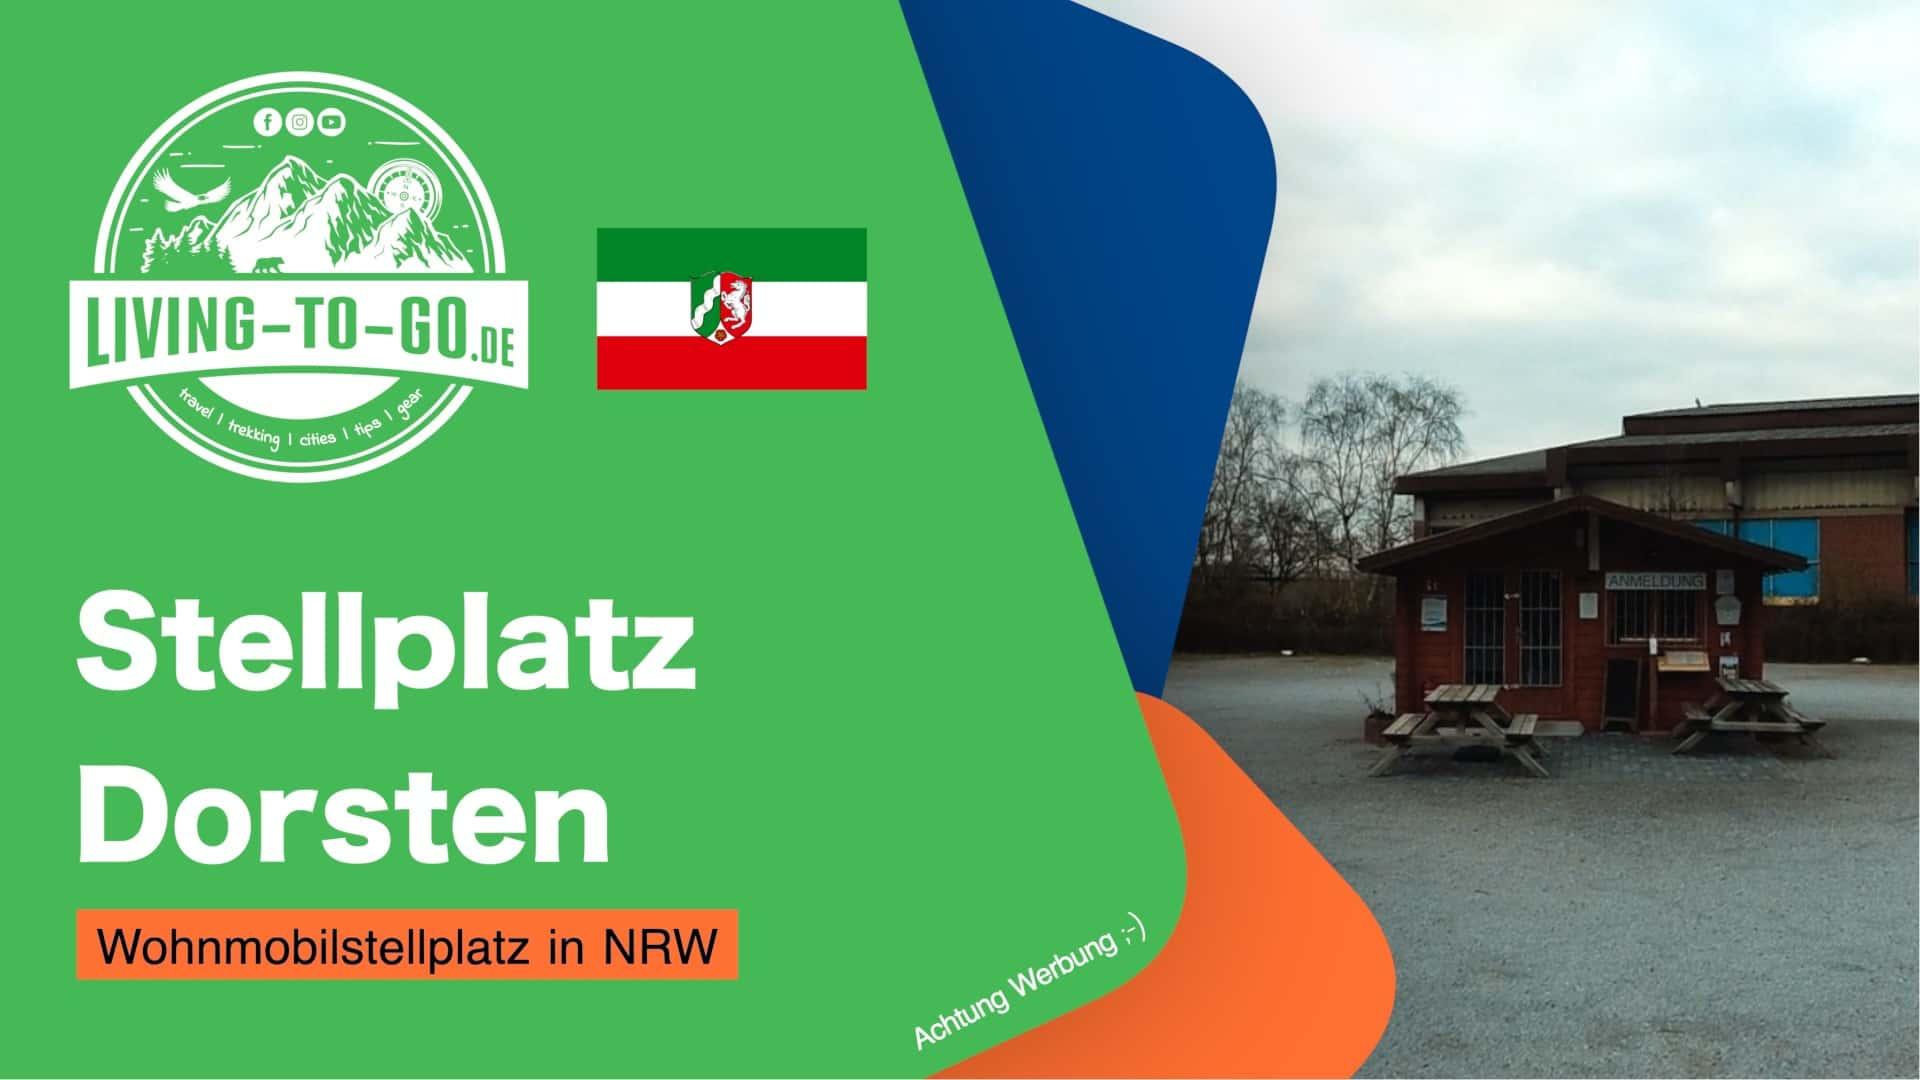 Stellplatz Dorsten